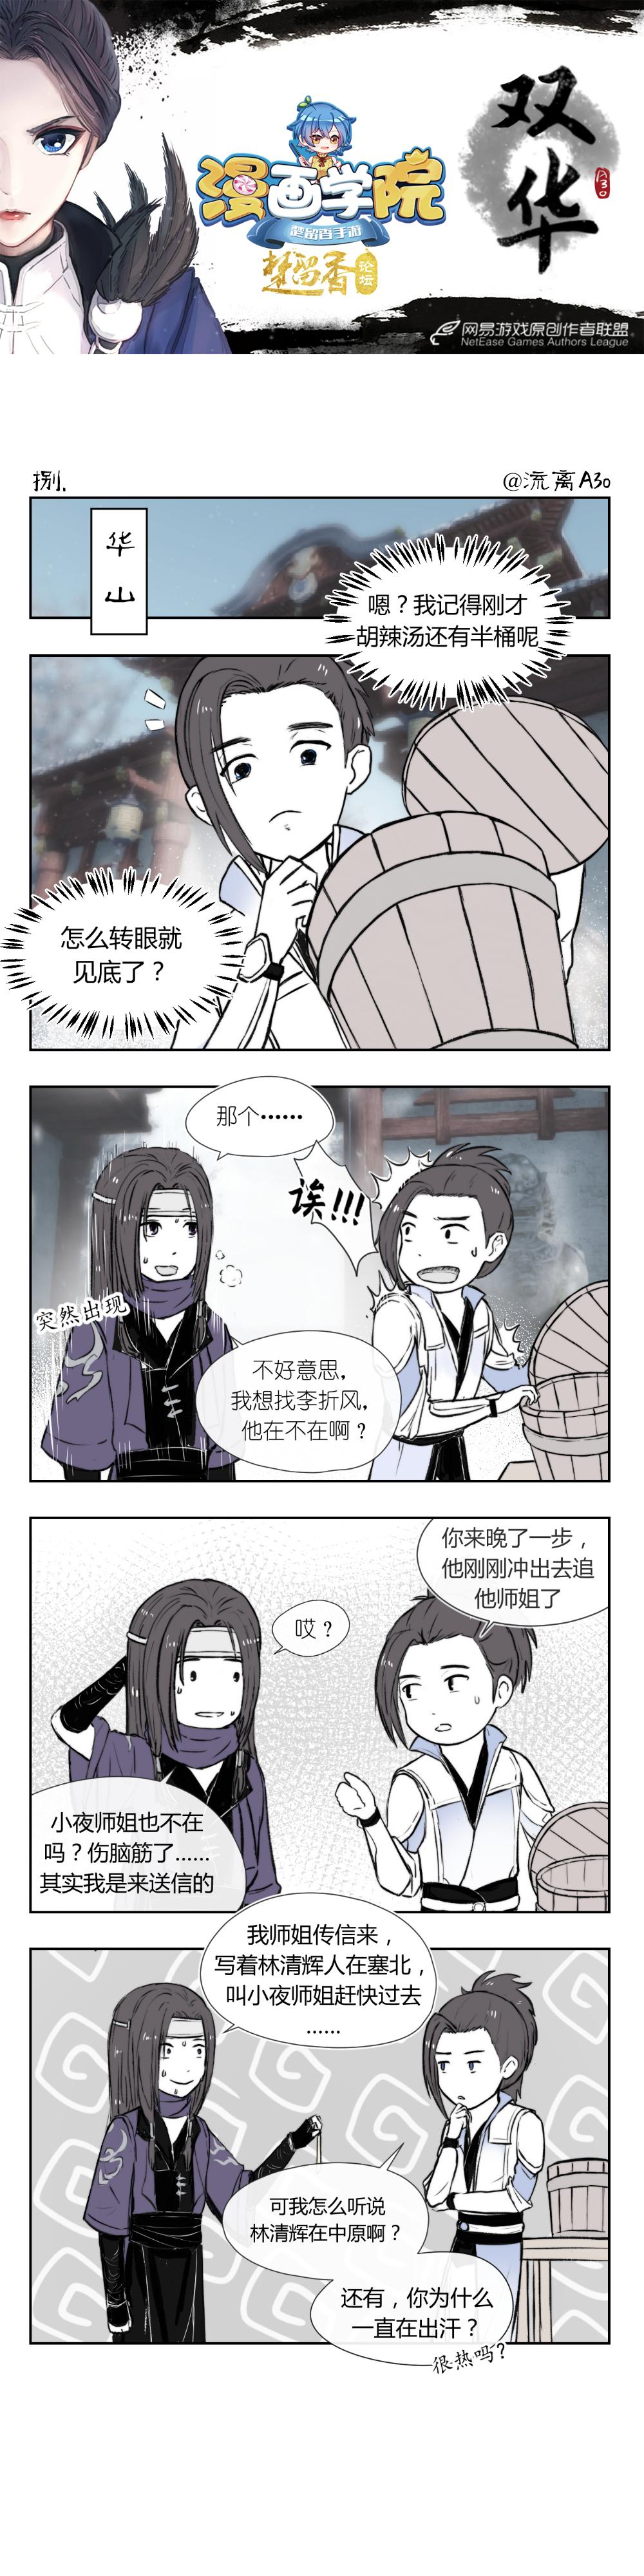 【原创作者联盟】【漫画学院】[双华8] 消失的胡辣汤